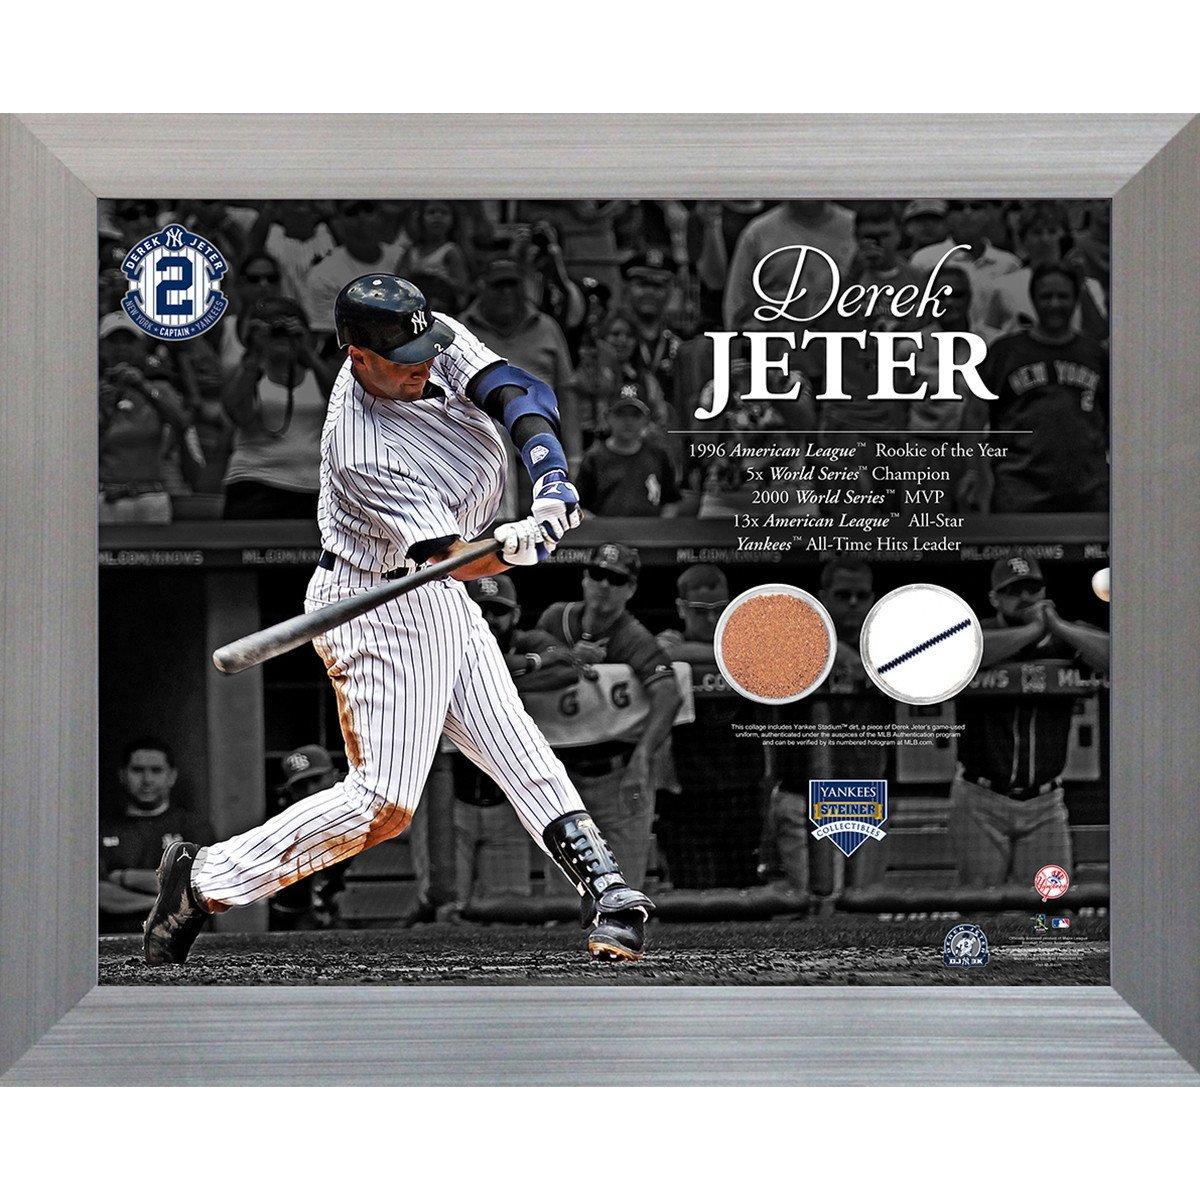 Derek Jeter Hitting with Timeline 11x14 Uniform & Dirt Collage Steiner Sports